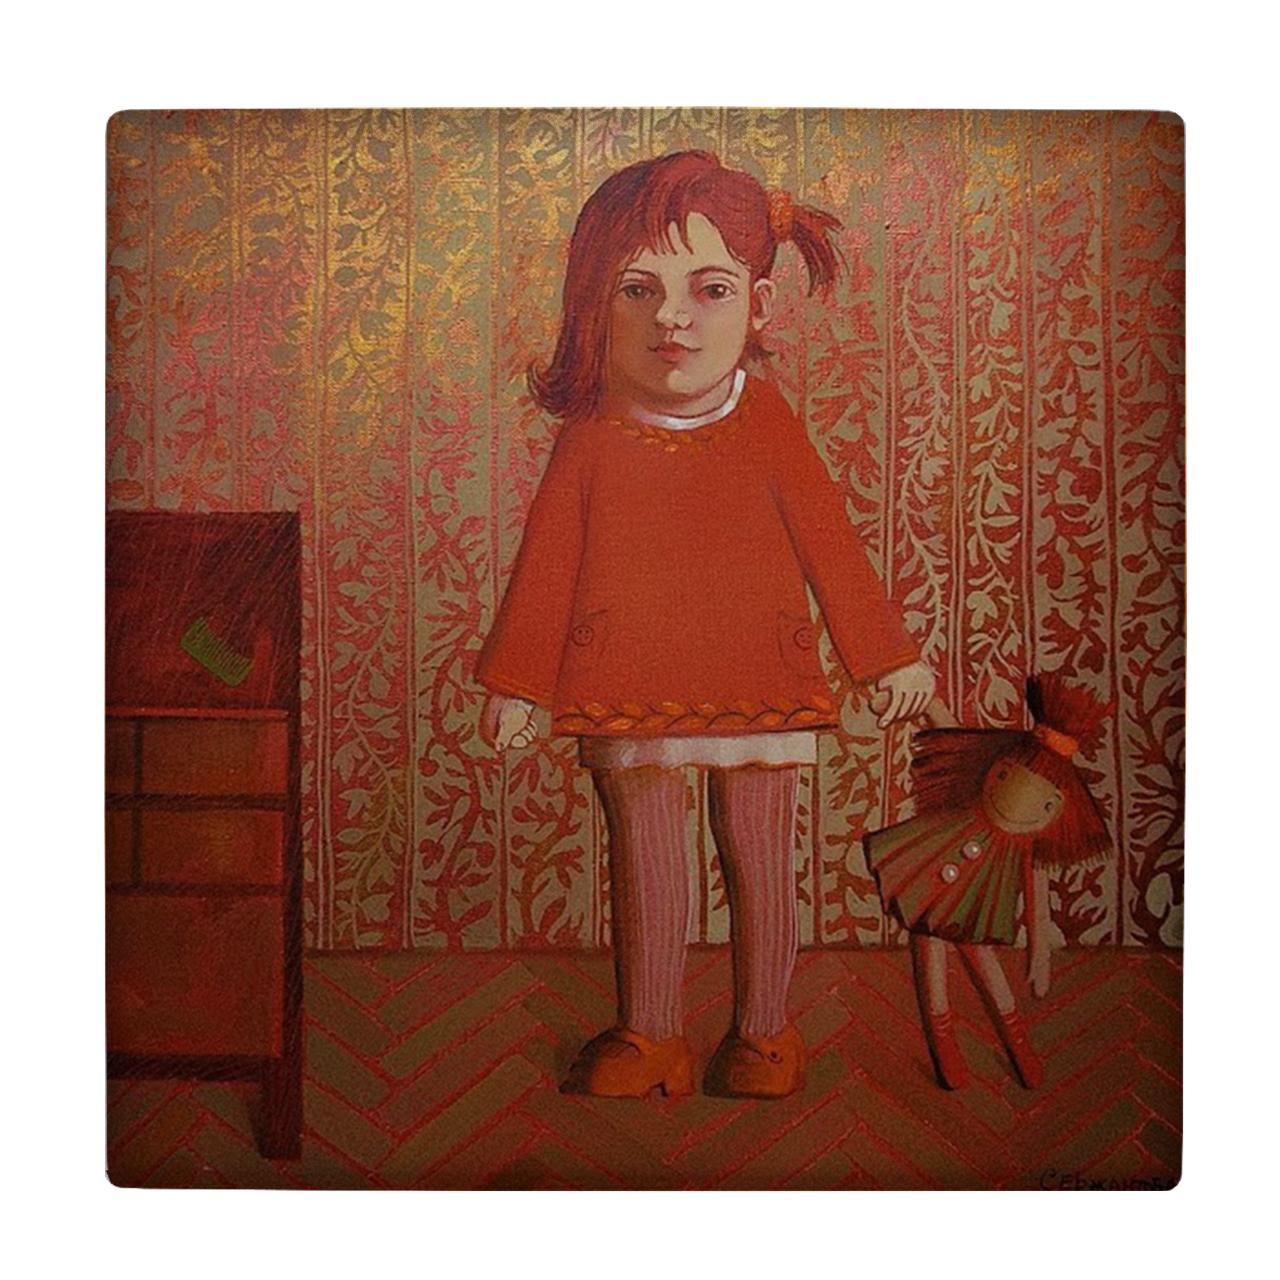 خرید                      کاشی طرح دختر و عروسک کد wk210